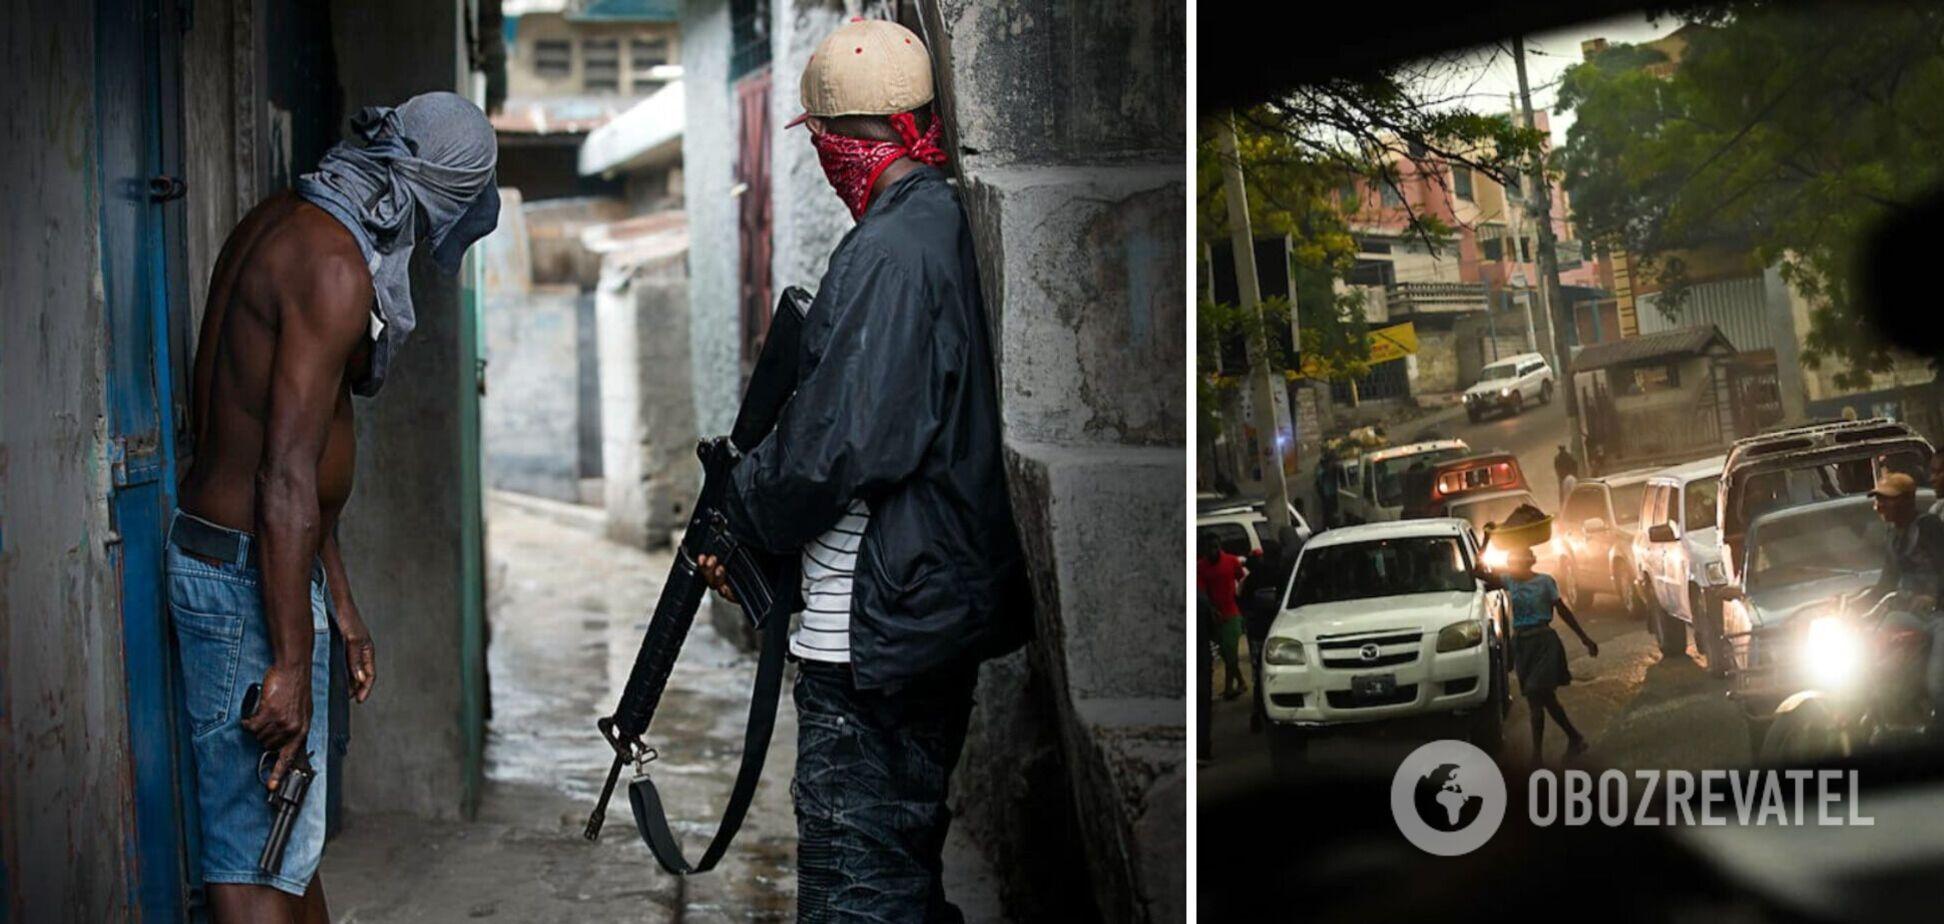 На Гаїті банда викрала 17 американських місіонерів – ЗМІ